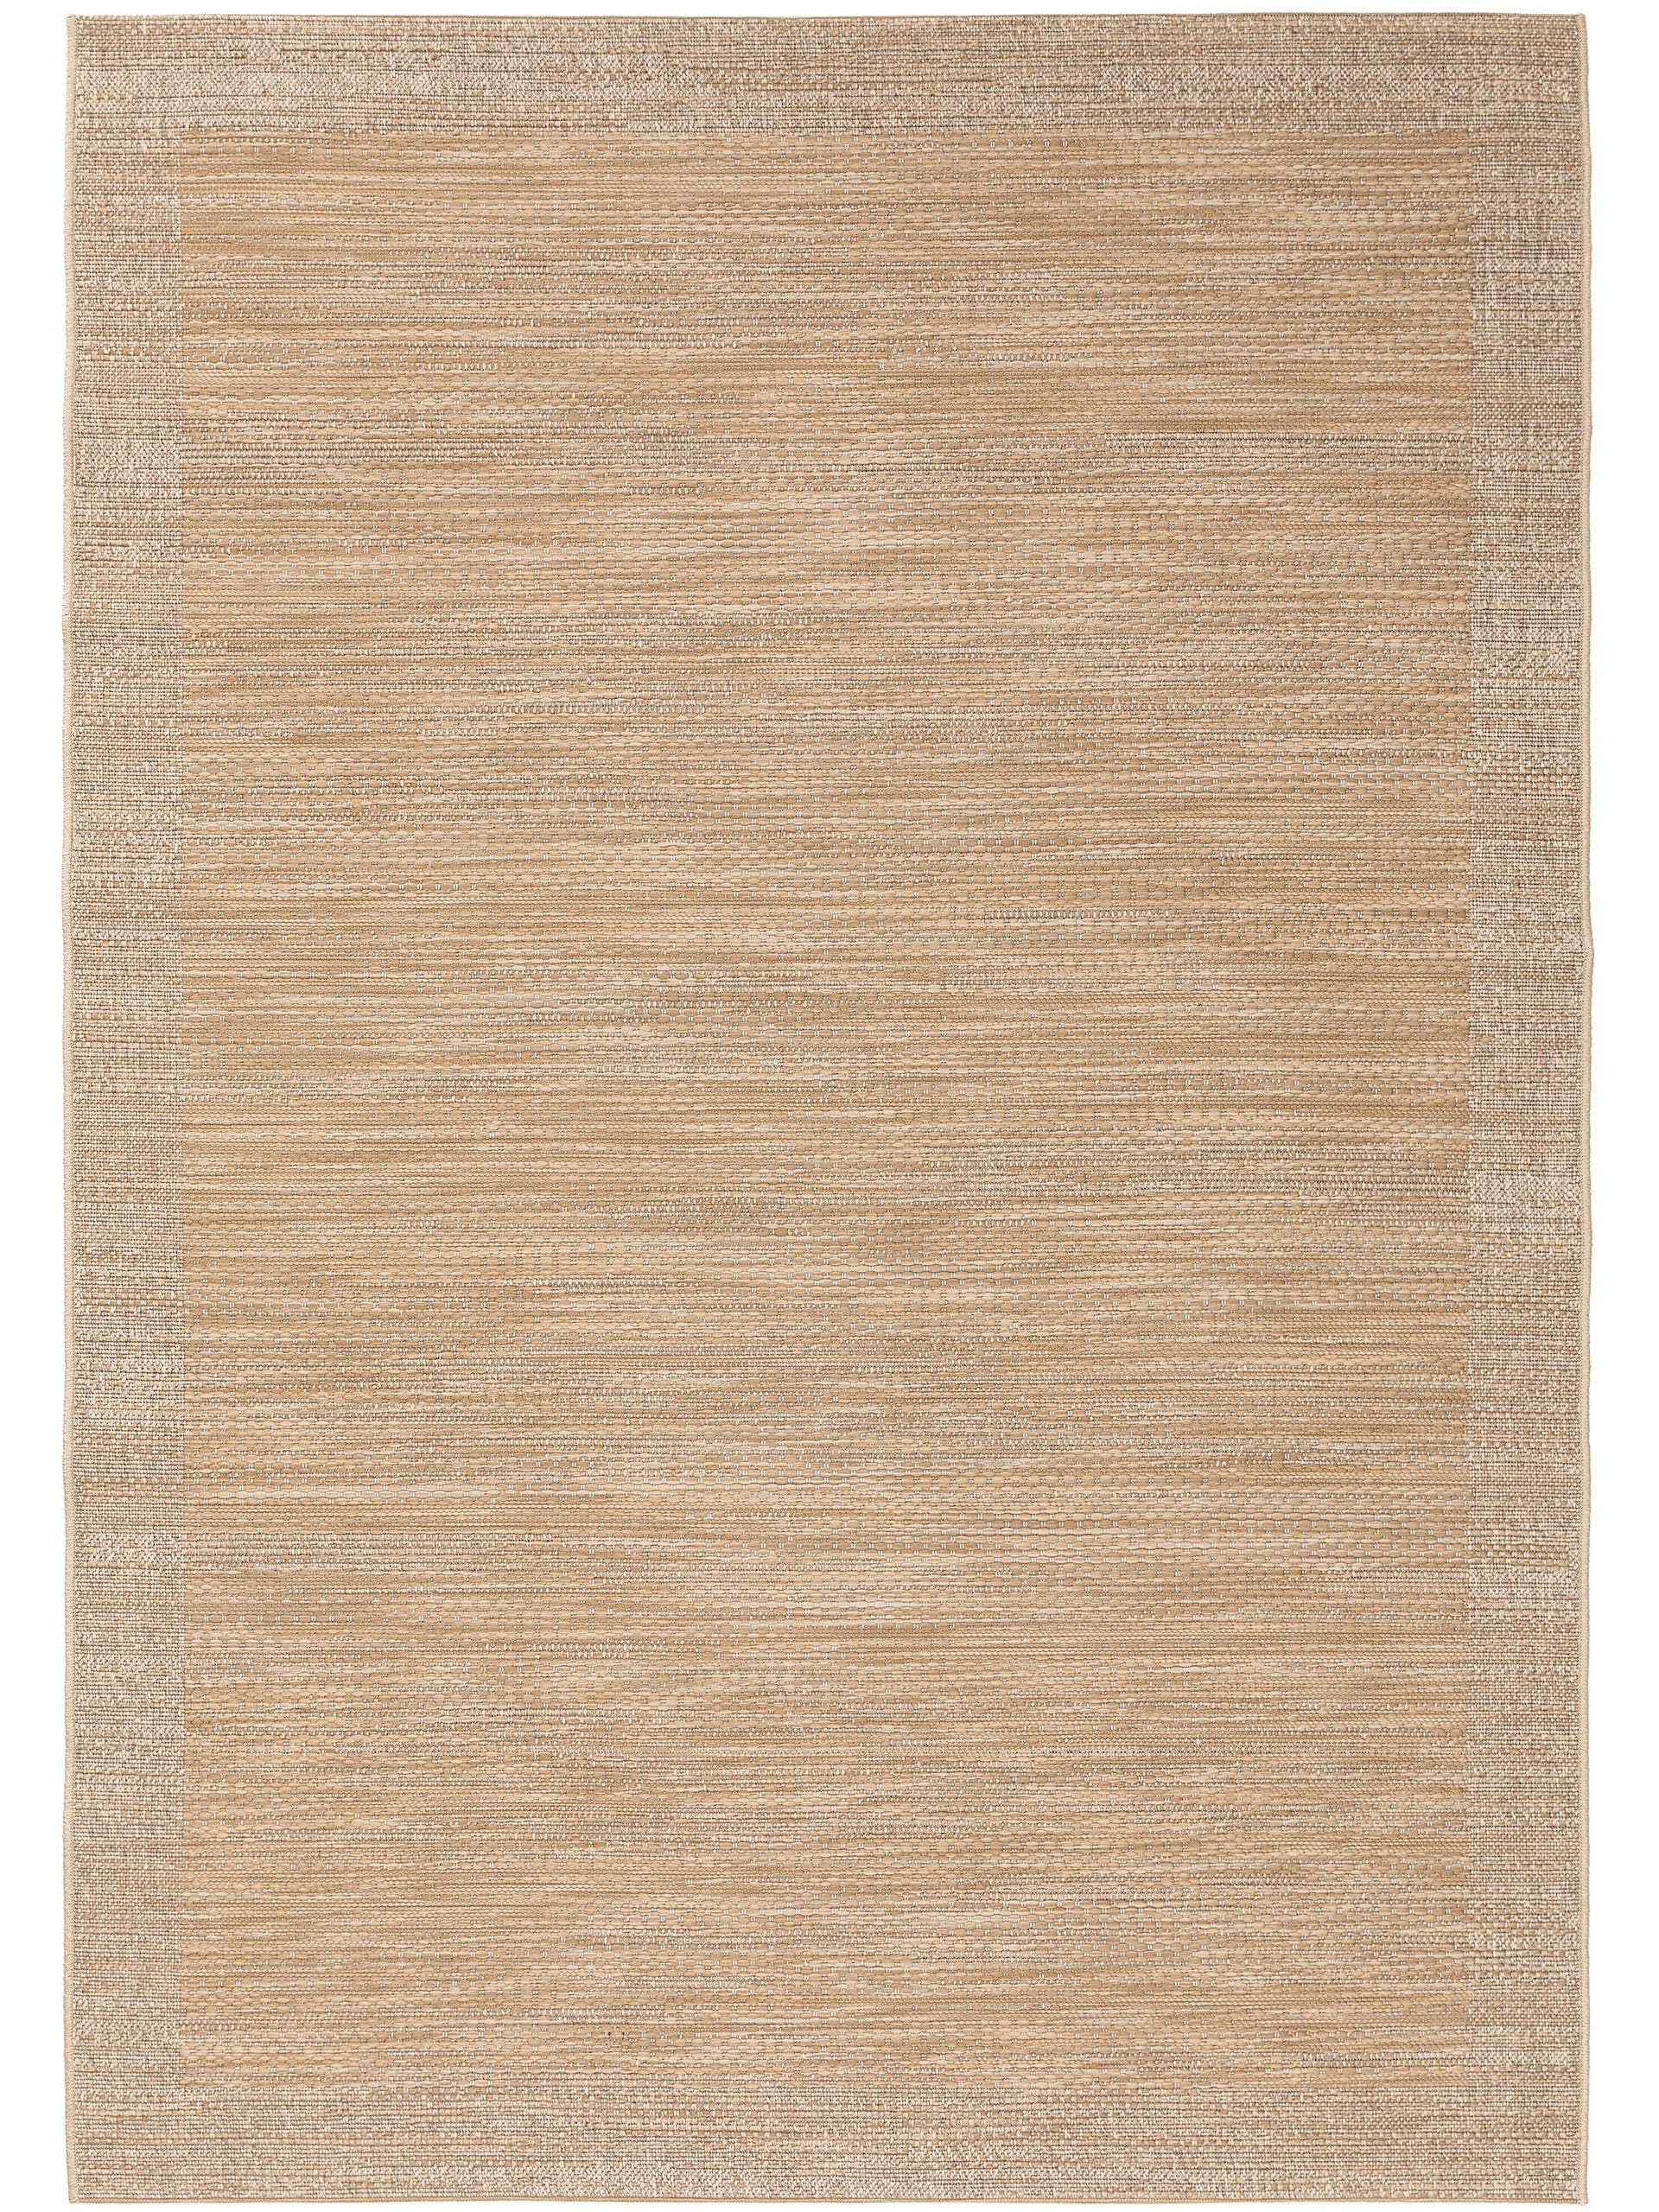 Tapis d'extérieur & intérieur beige 120x170